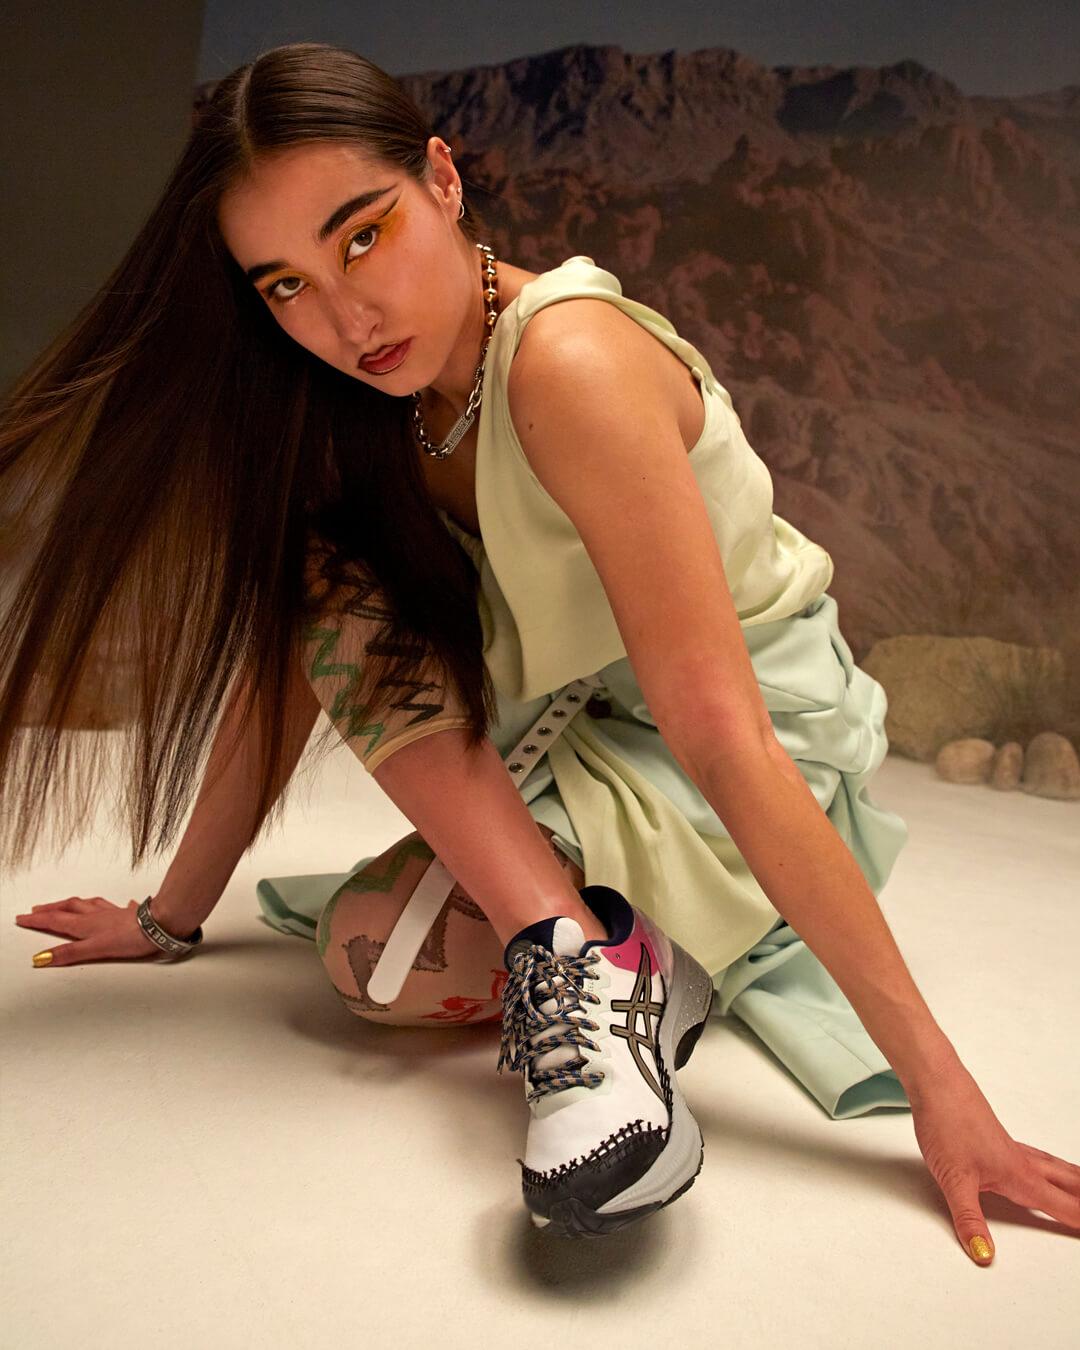 ASICSx Vivienne Westwood Gel-Kayano 27 DE - 1201A116-101 - white/ lichen rock on feet